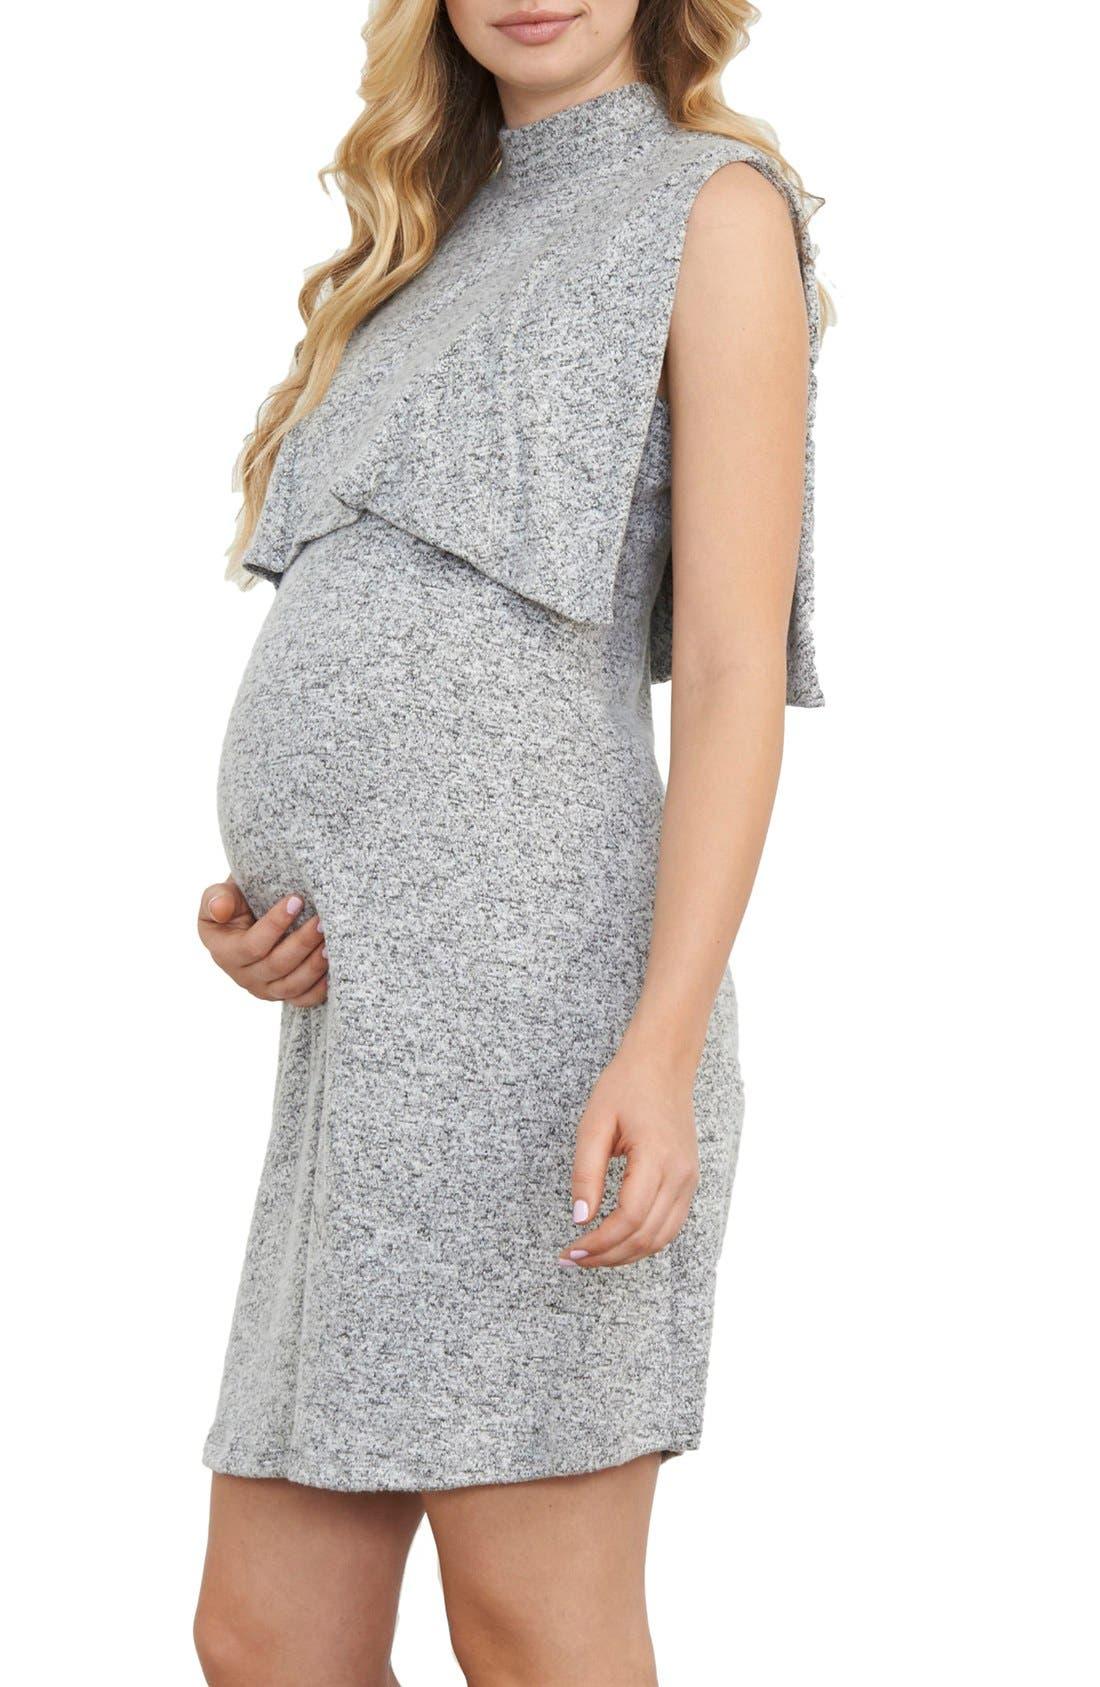 Alternate Image 1 Selected - Maternal America Sleeveless Maternity/Nursing Dress